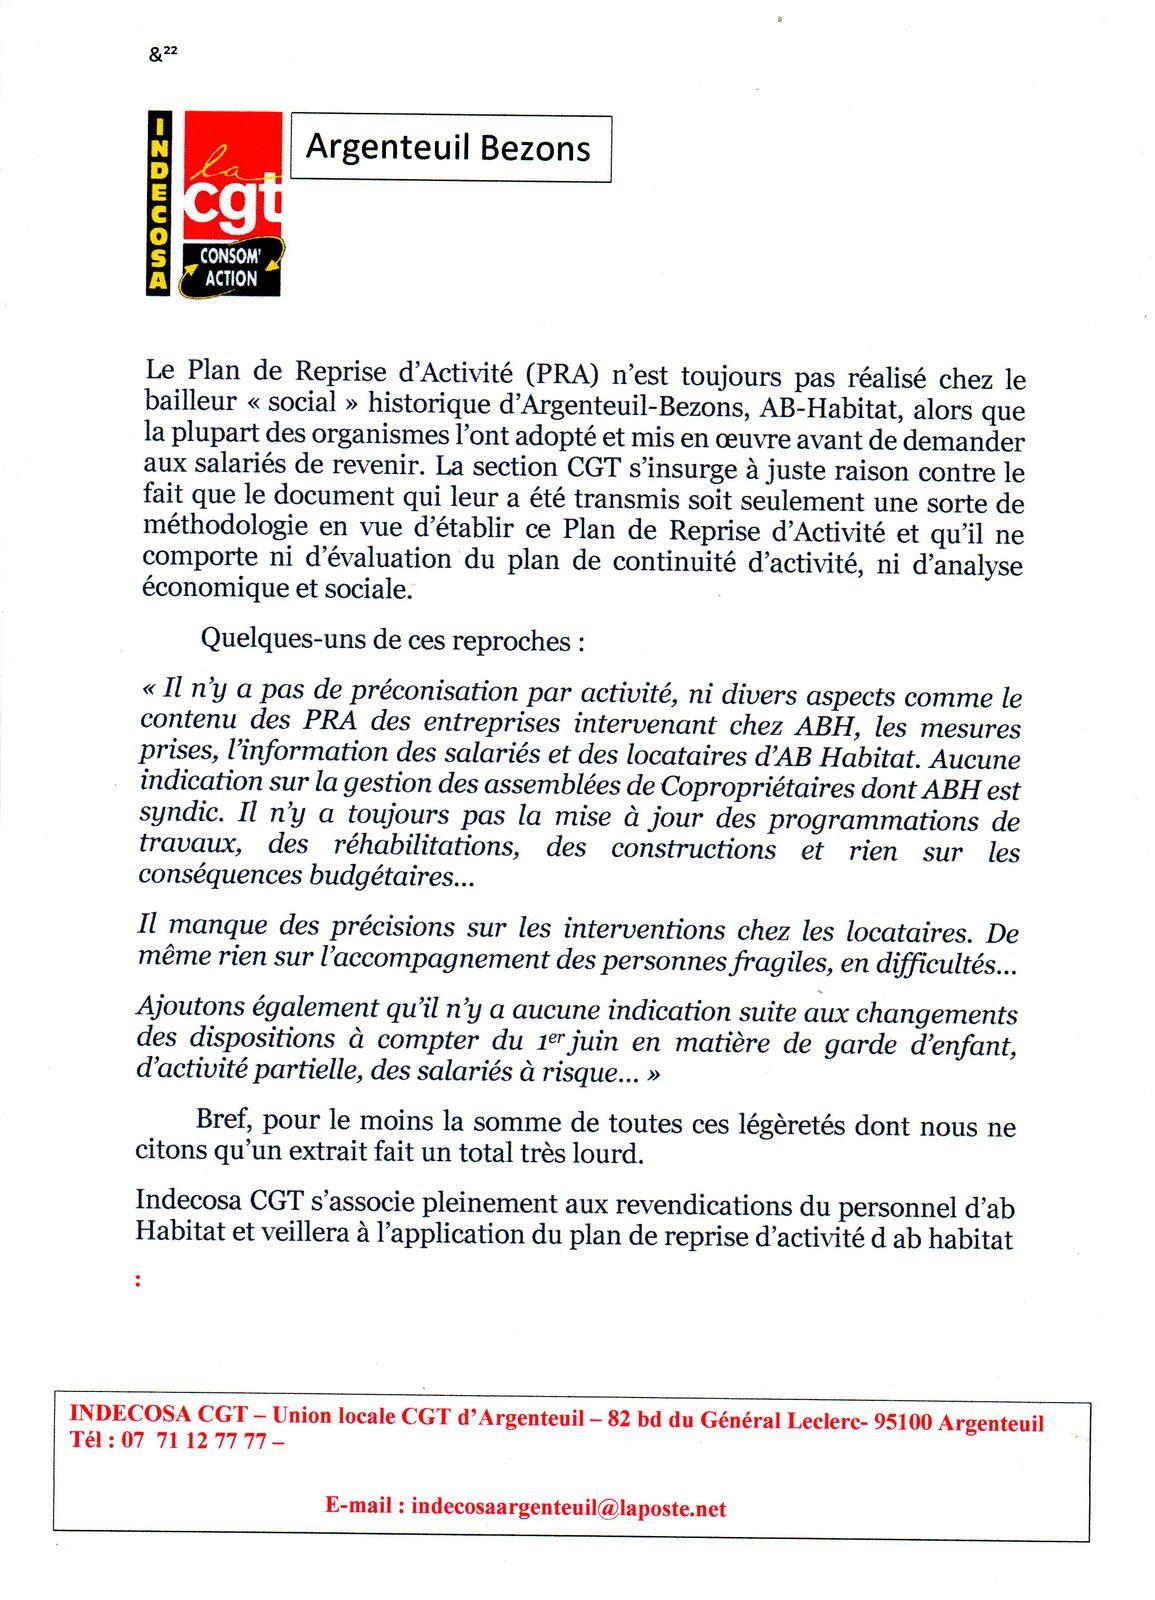 Reprise d'activités : Indecosa denonce la légèreté de la Direction d'ABH